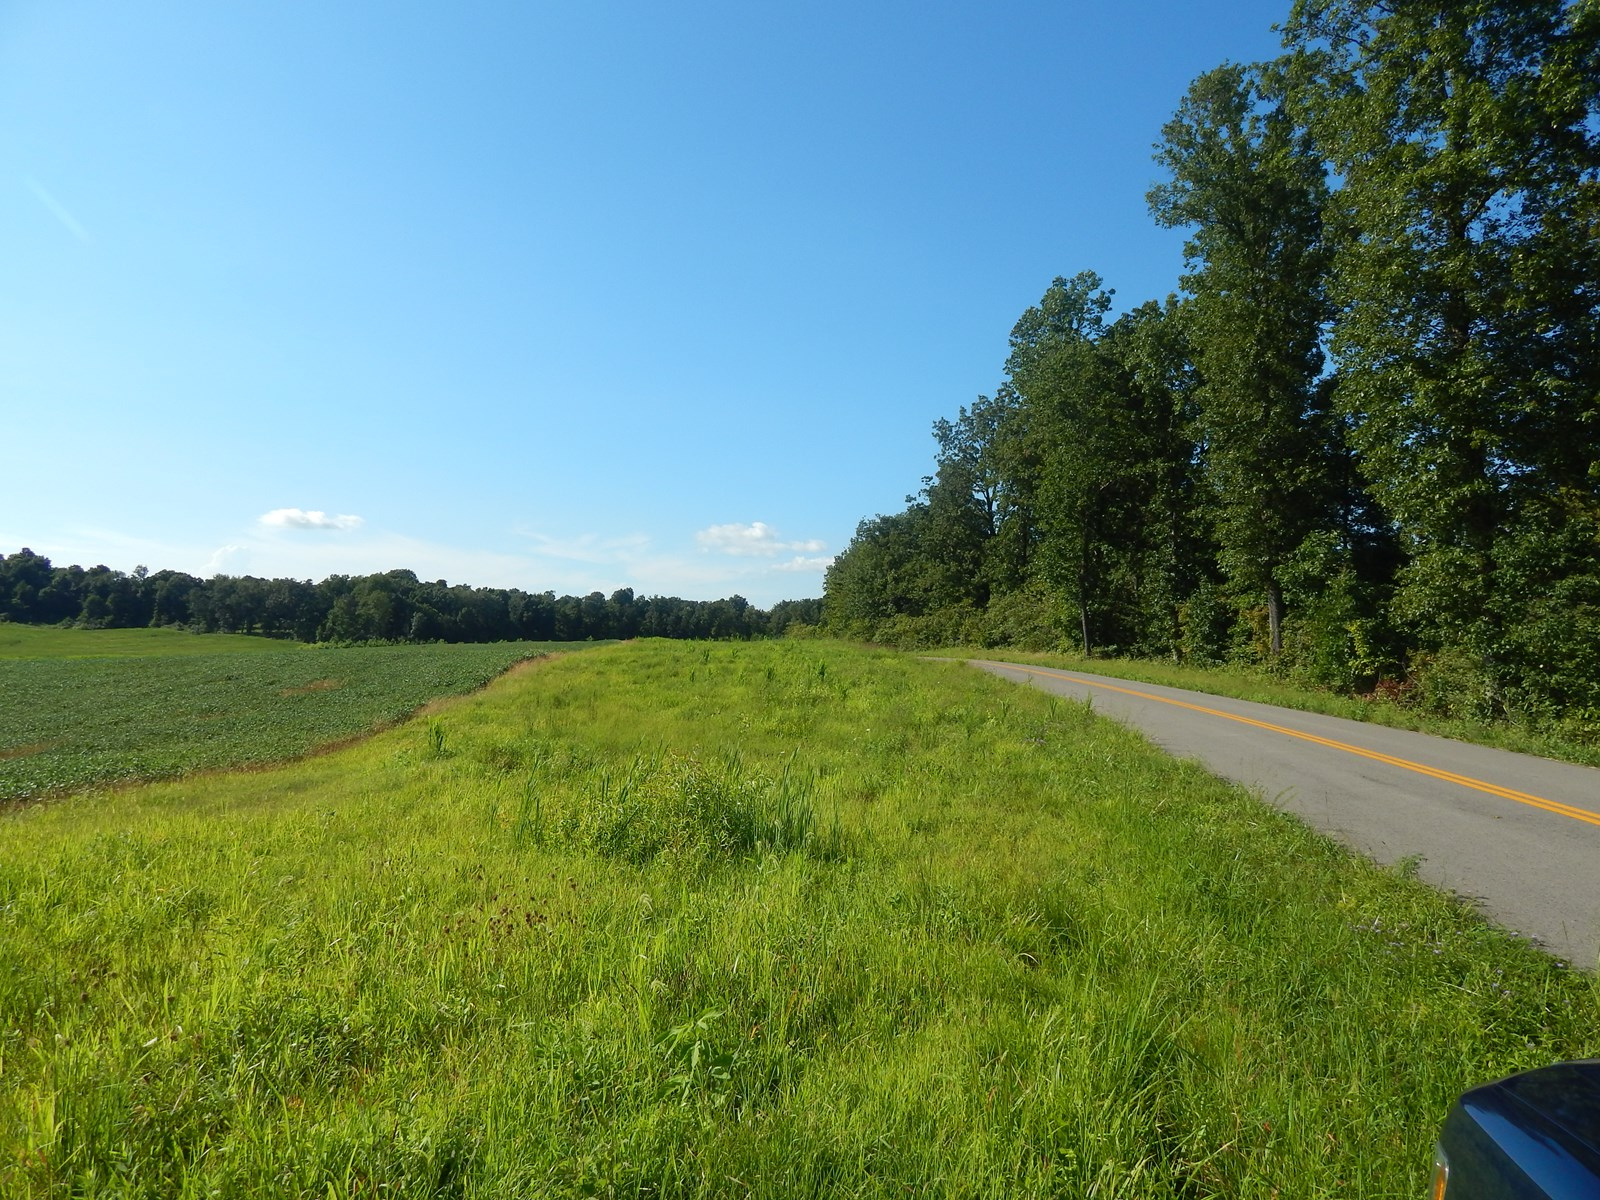 130.26 acre farm for sale near Central City Ky.